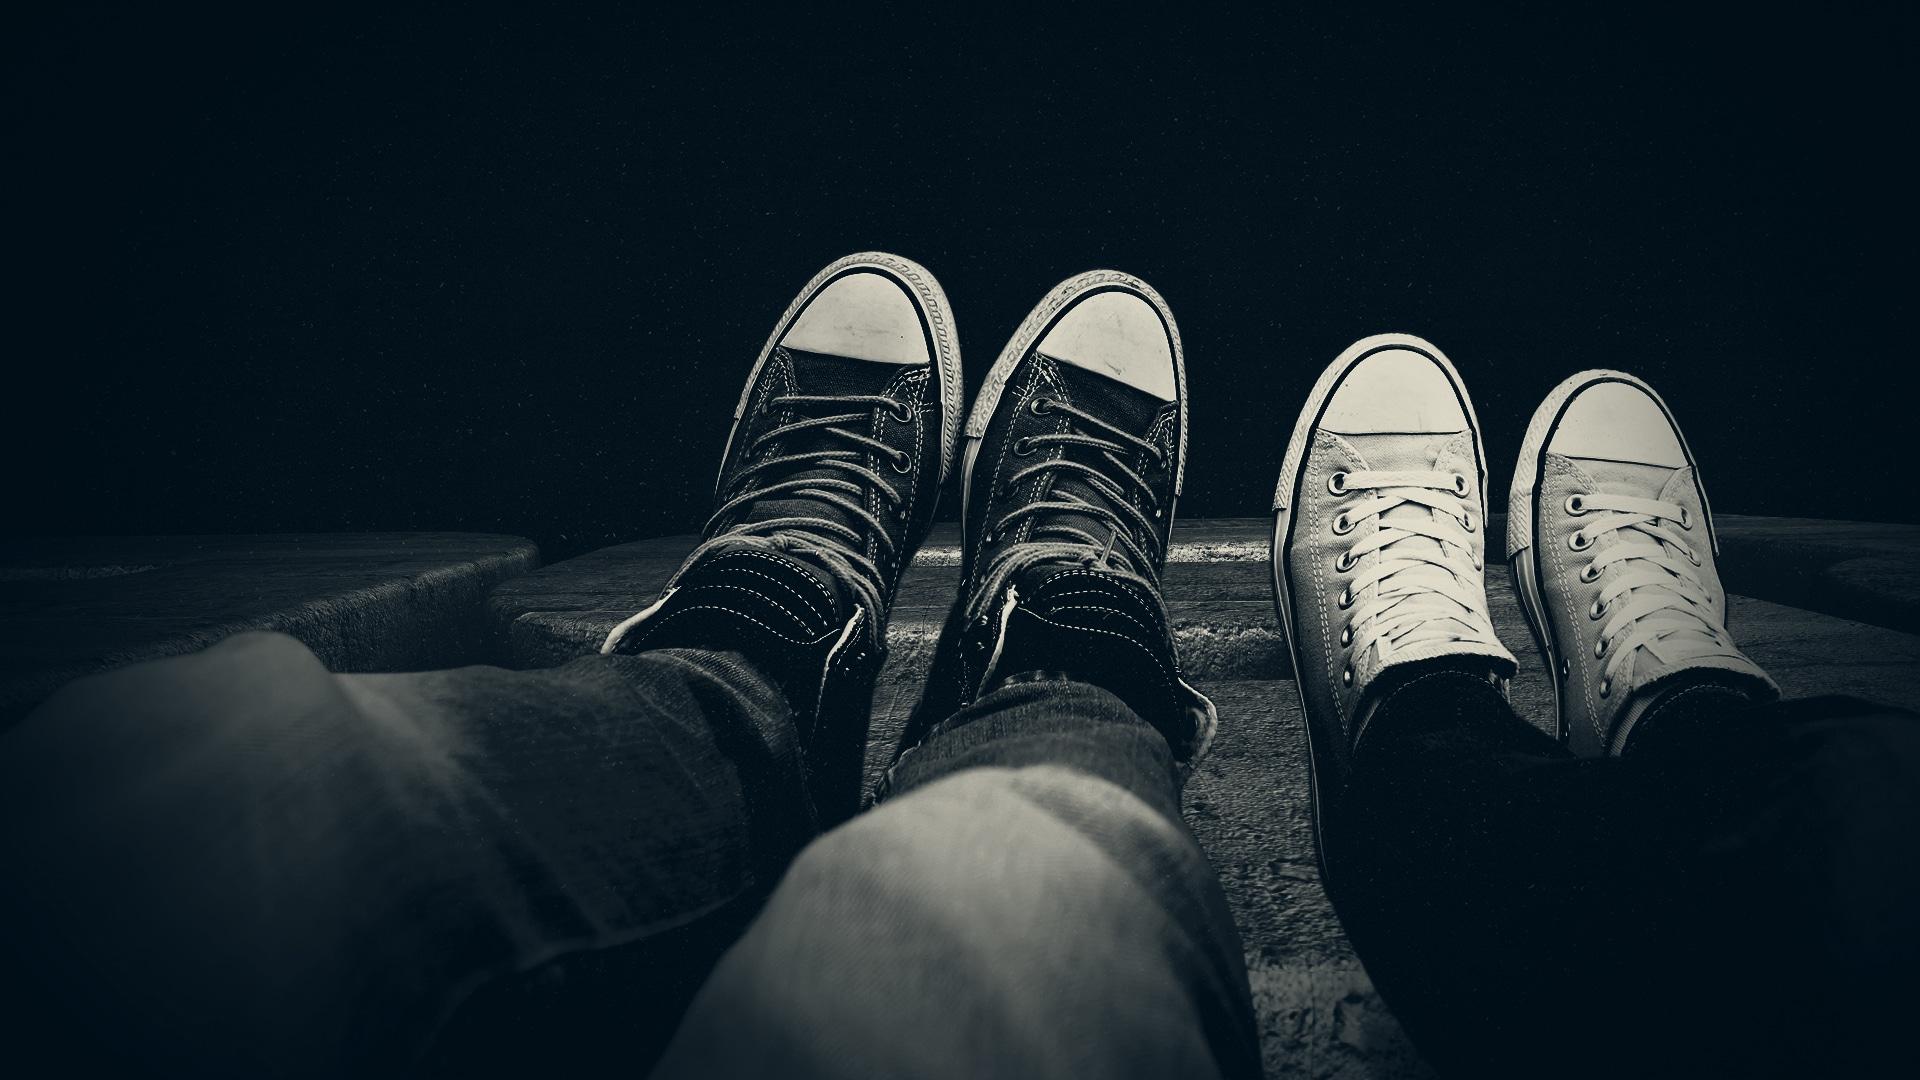 Vue subjective sur 2 paires de jambes portant des converses noir et blanches